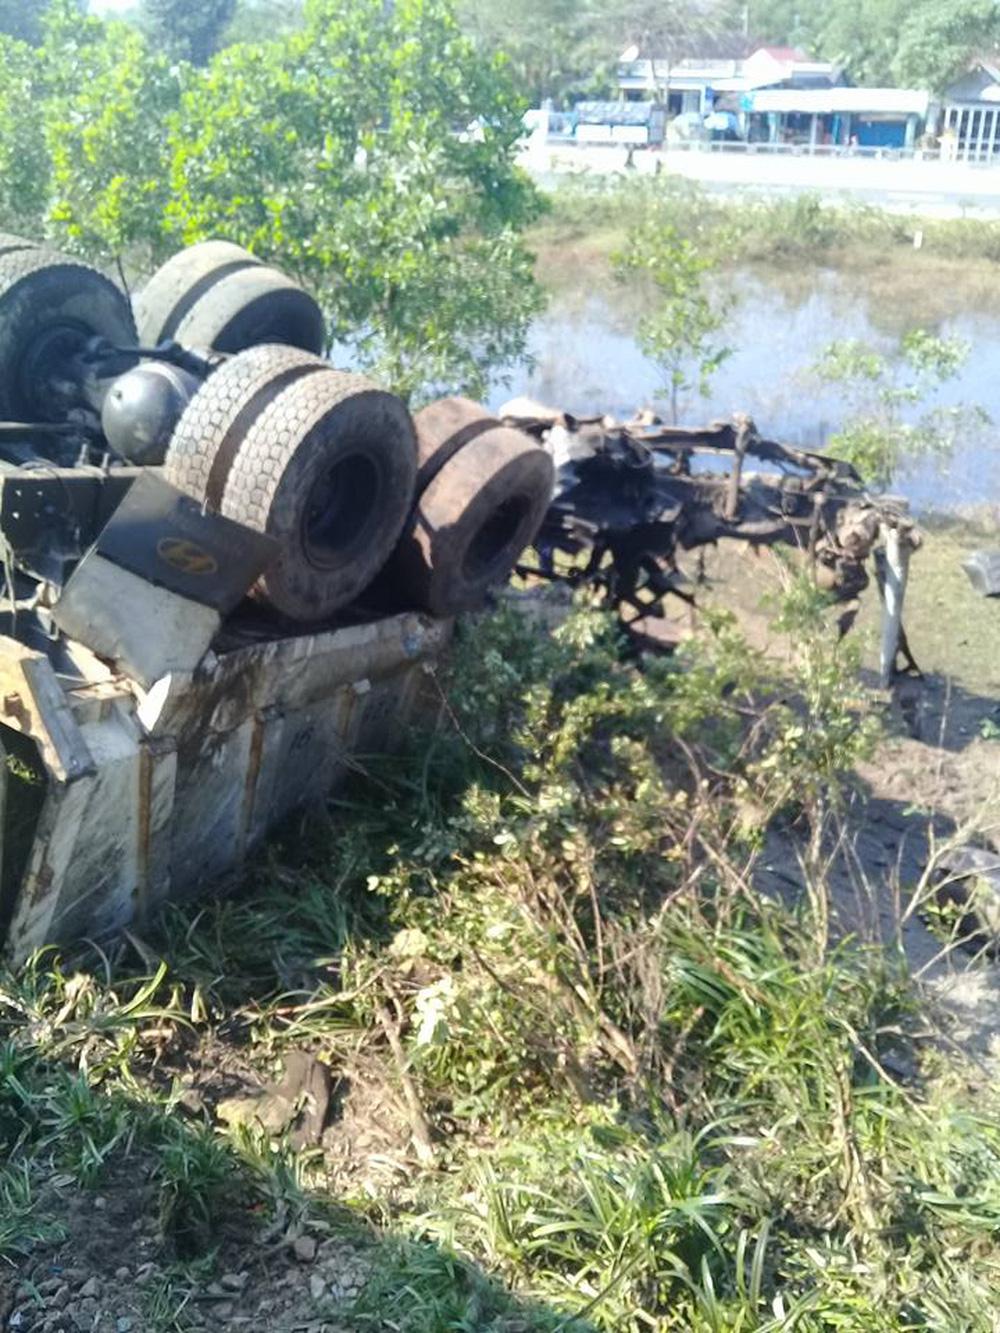 Thừa Thiên Huế: Tàu hoả đâm xe tải, lật khỏi đường ray, 3 người chết tại chỗ - Ảnh 2.